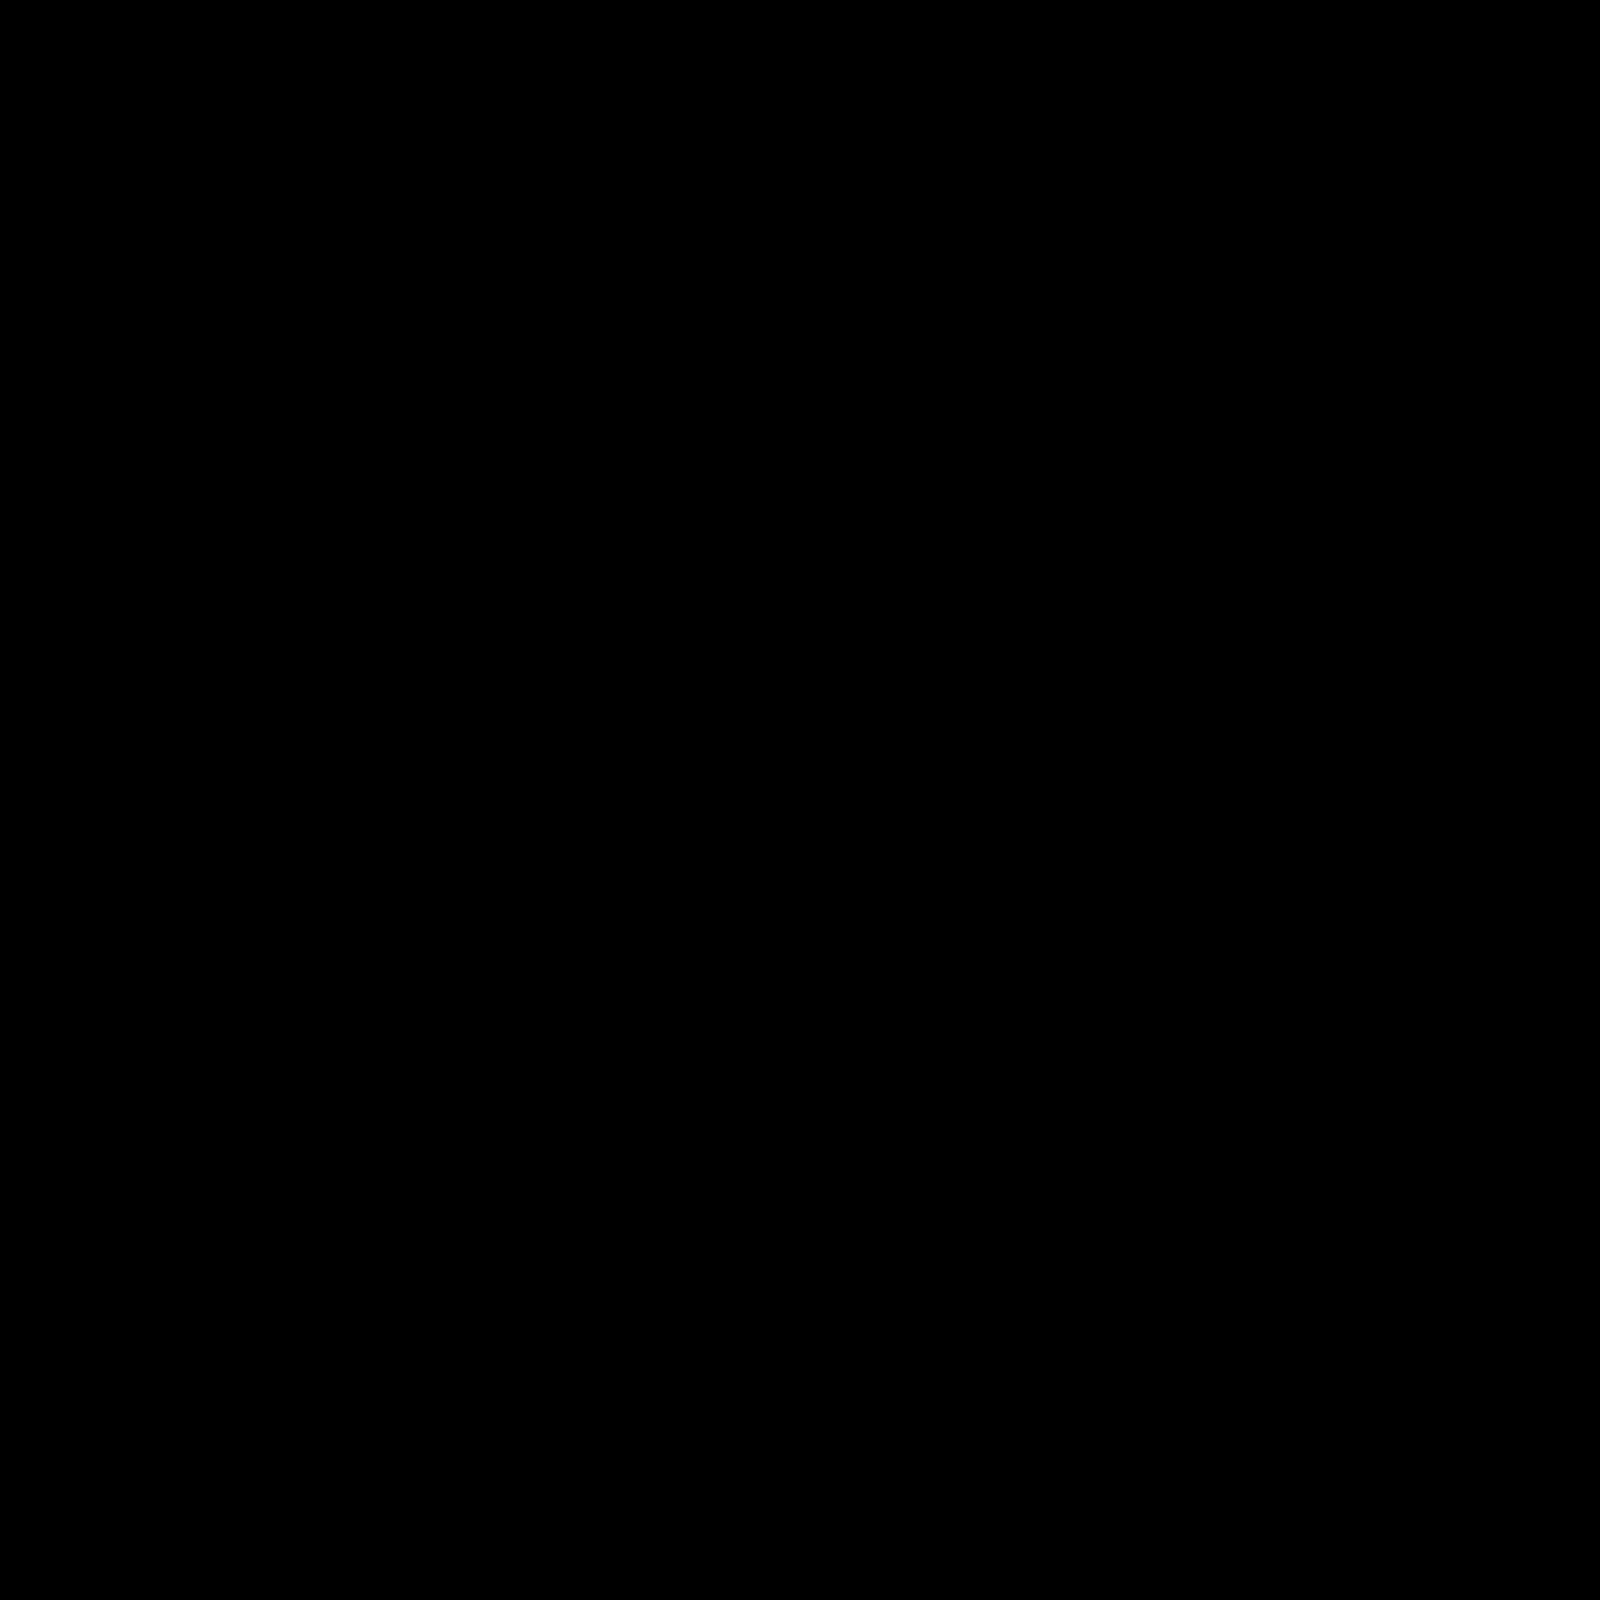 Удалить сообщение icon